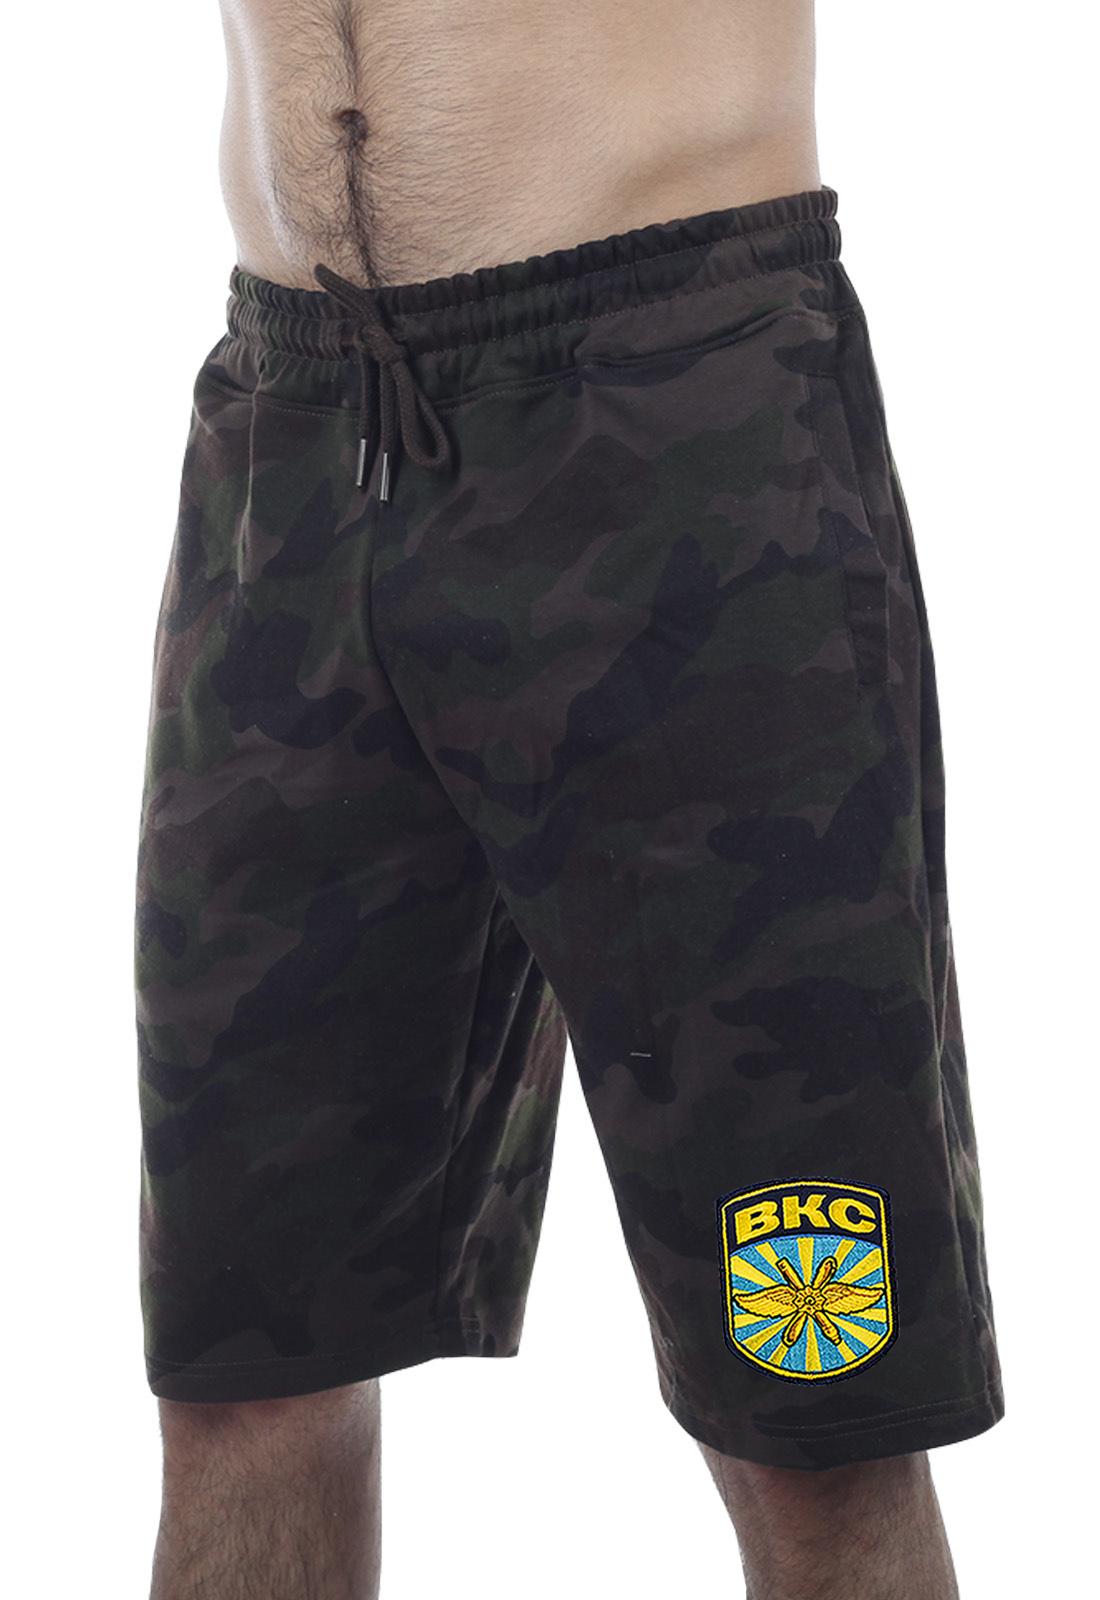 Купить удлиненные свободные шорты с нашивкой ВКС по специальной цене